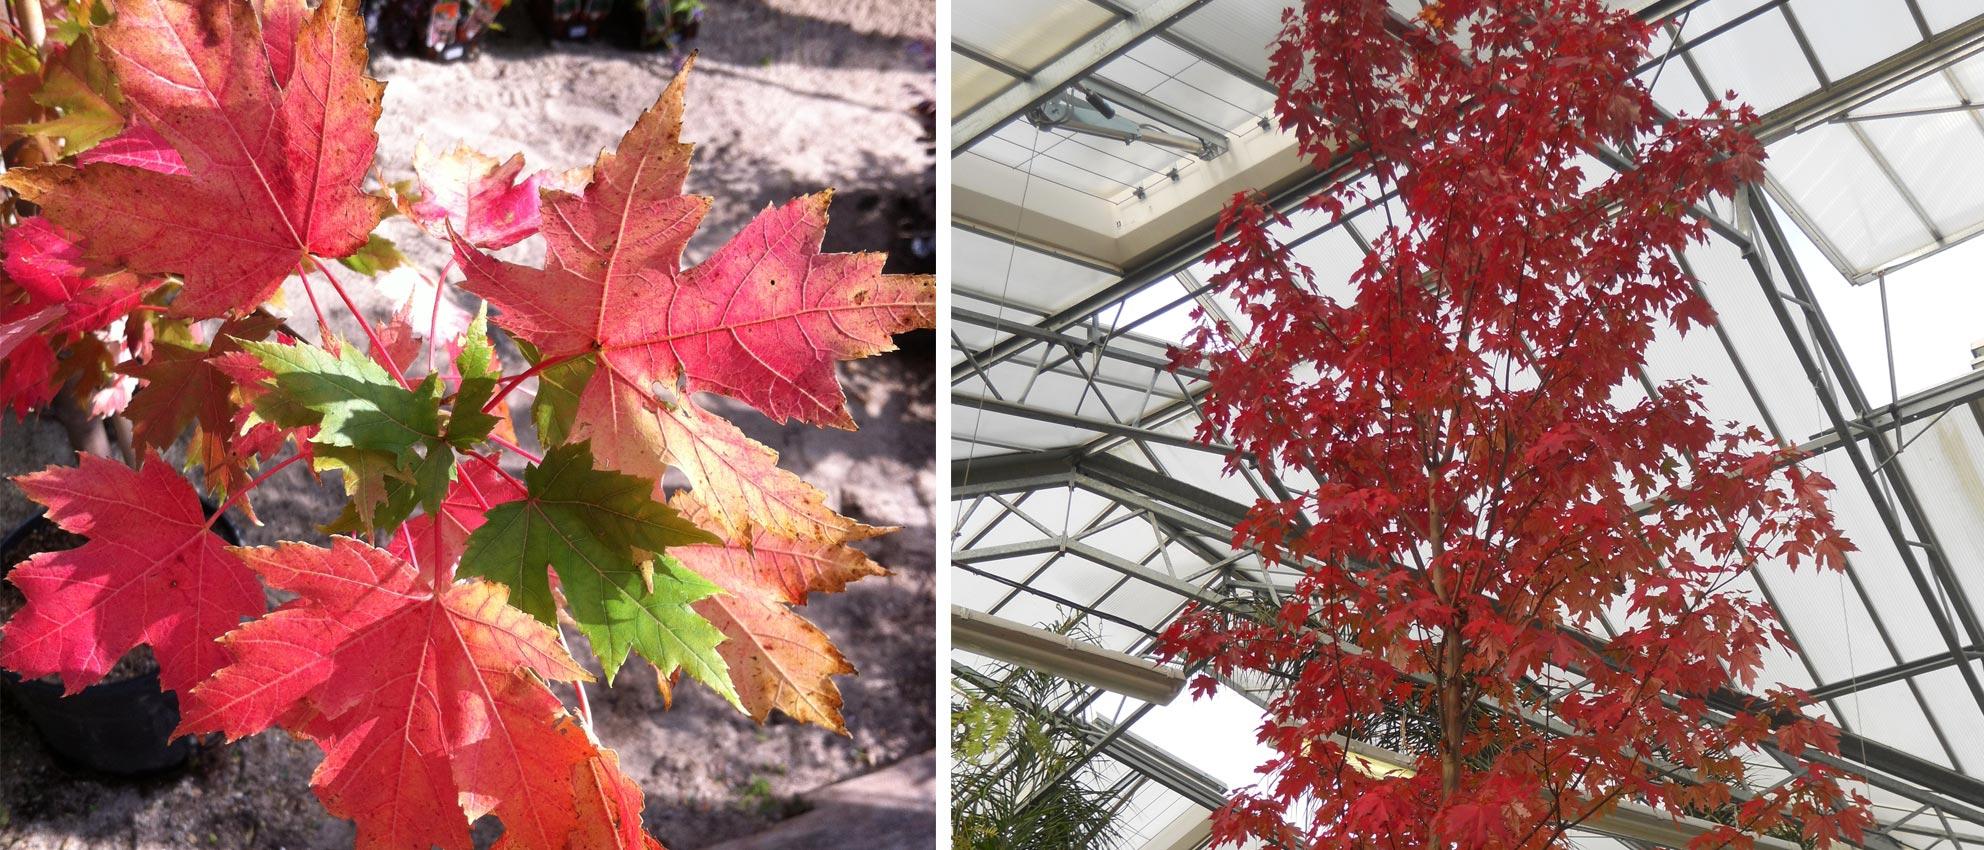 les plus beaux feuillages d'automne   inspirations desjardins